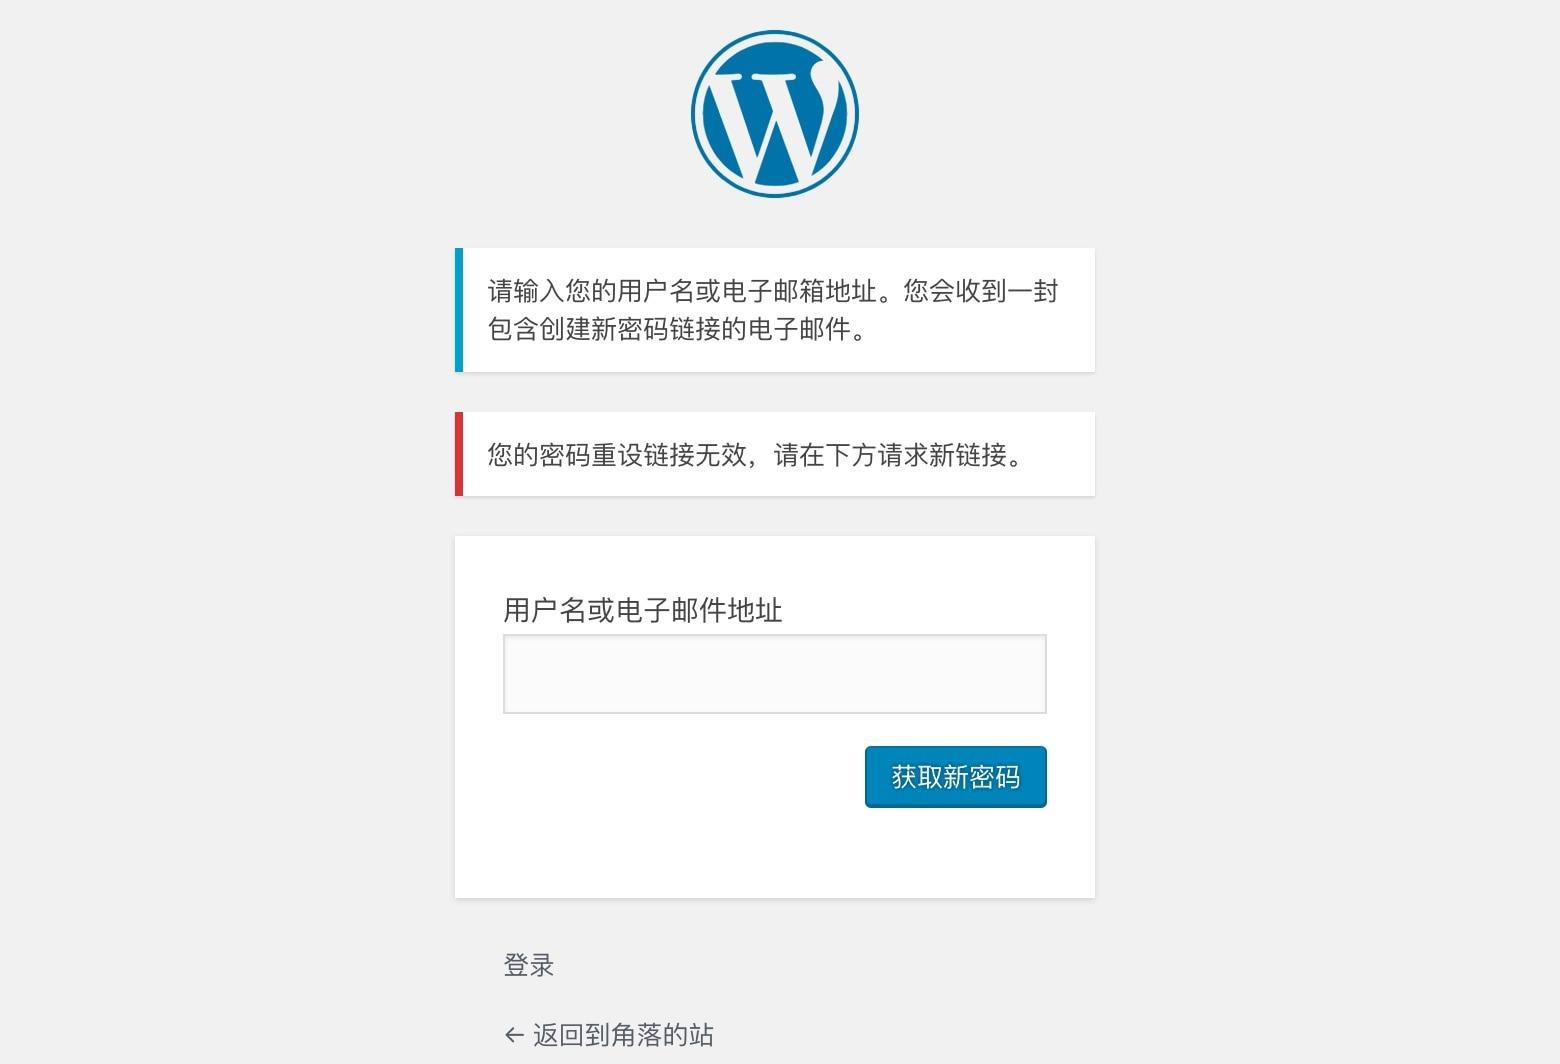 WordPress找回密码提示:您的密码重设链接无效,请在下方请求新链接插图1